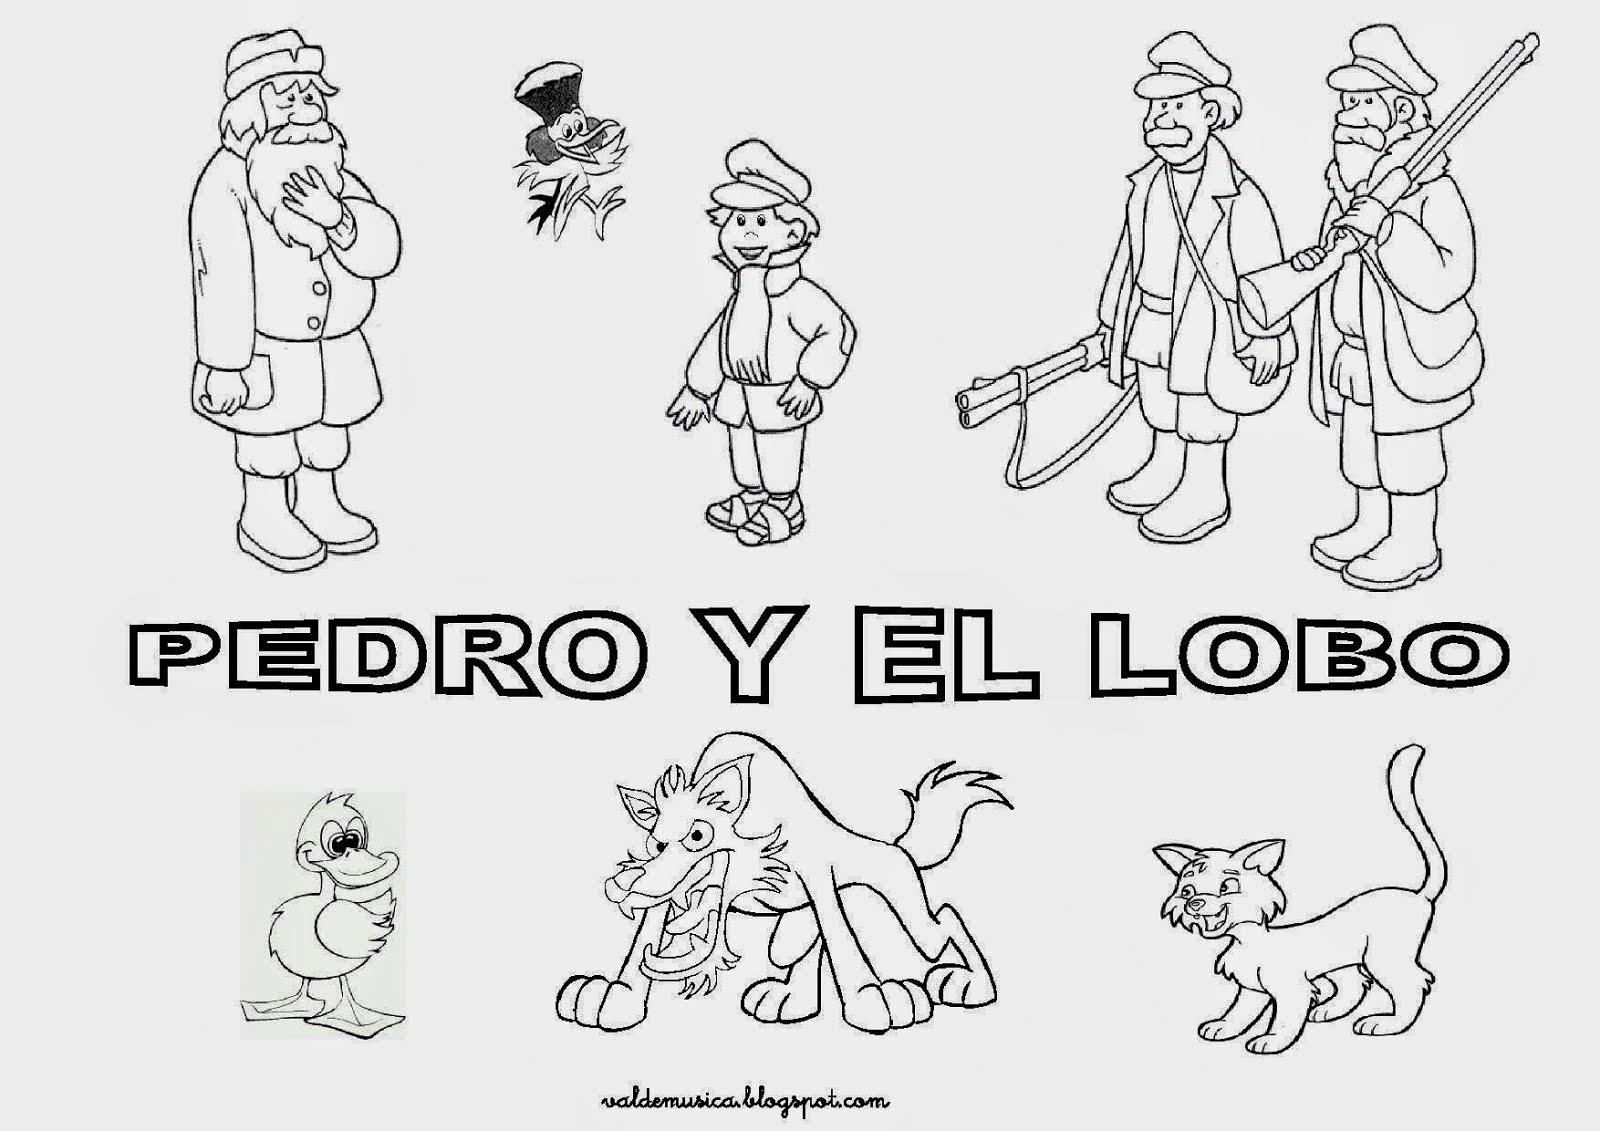 Cuentos Infantiles Cortos Para Colorear E Imprimir Imagui: Dibujos Del Cuento De Pedro Y El Lobo Para Colorear